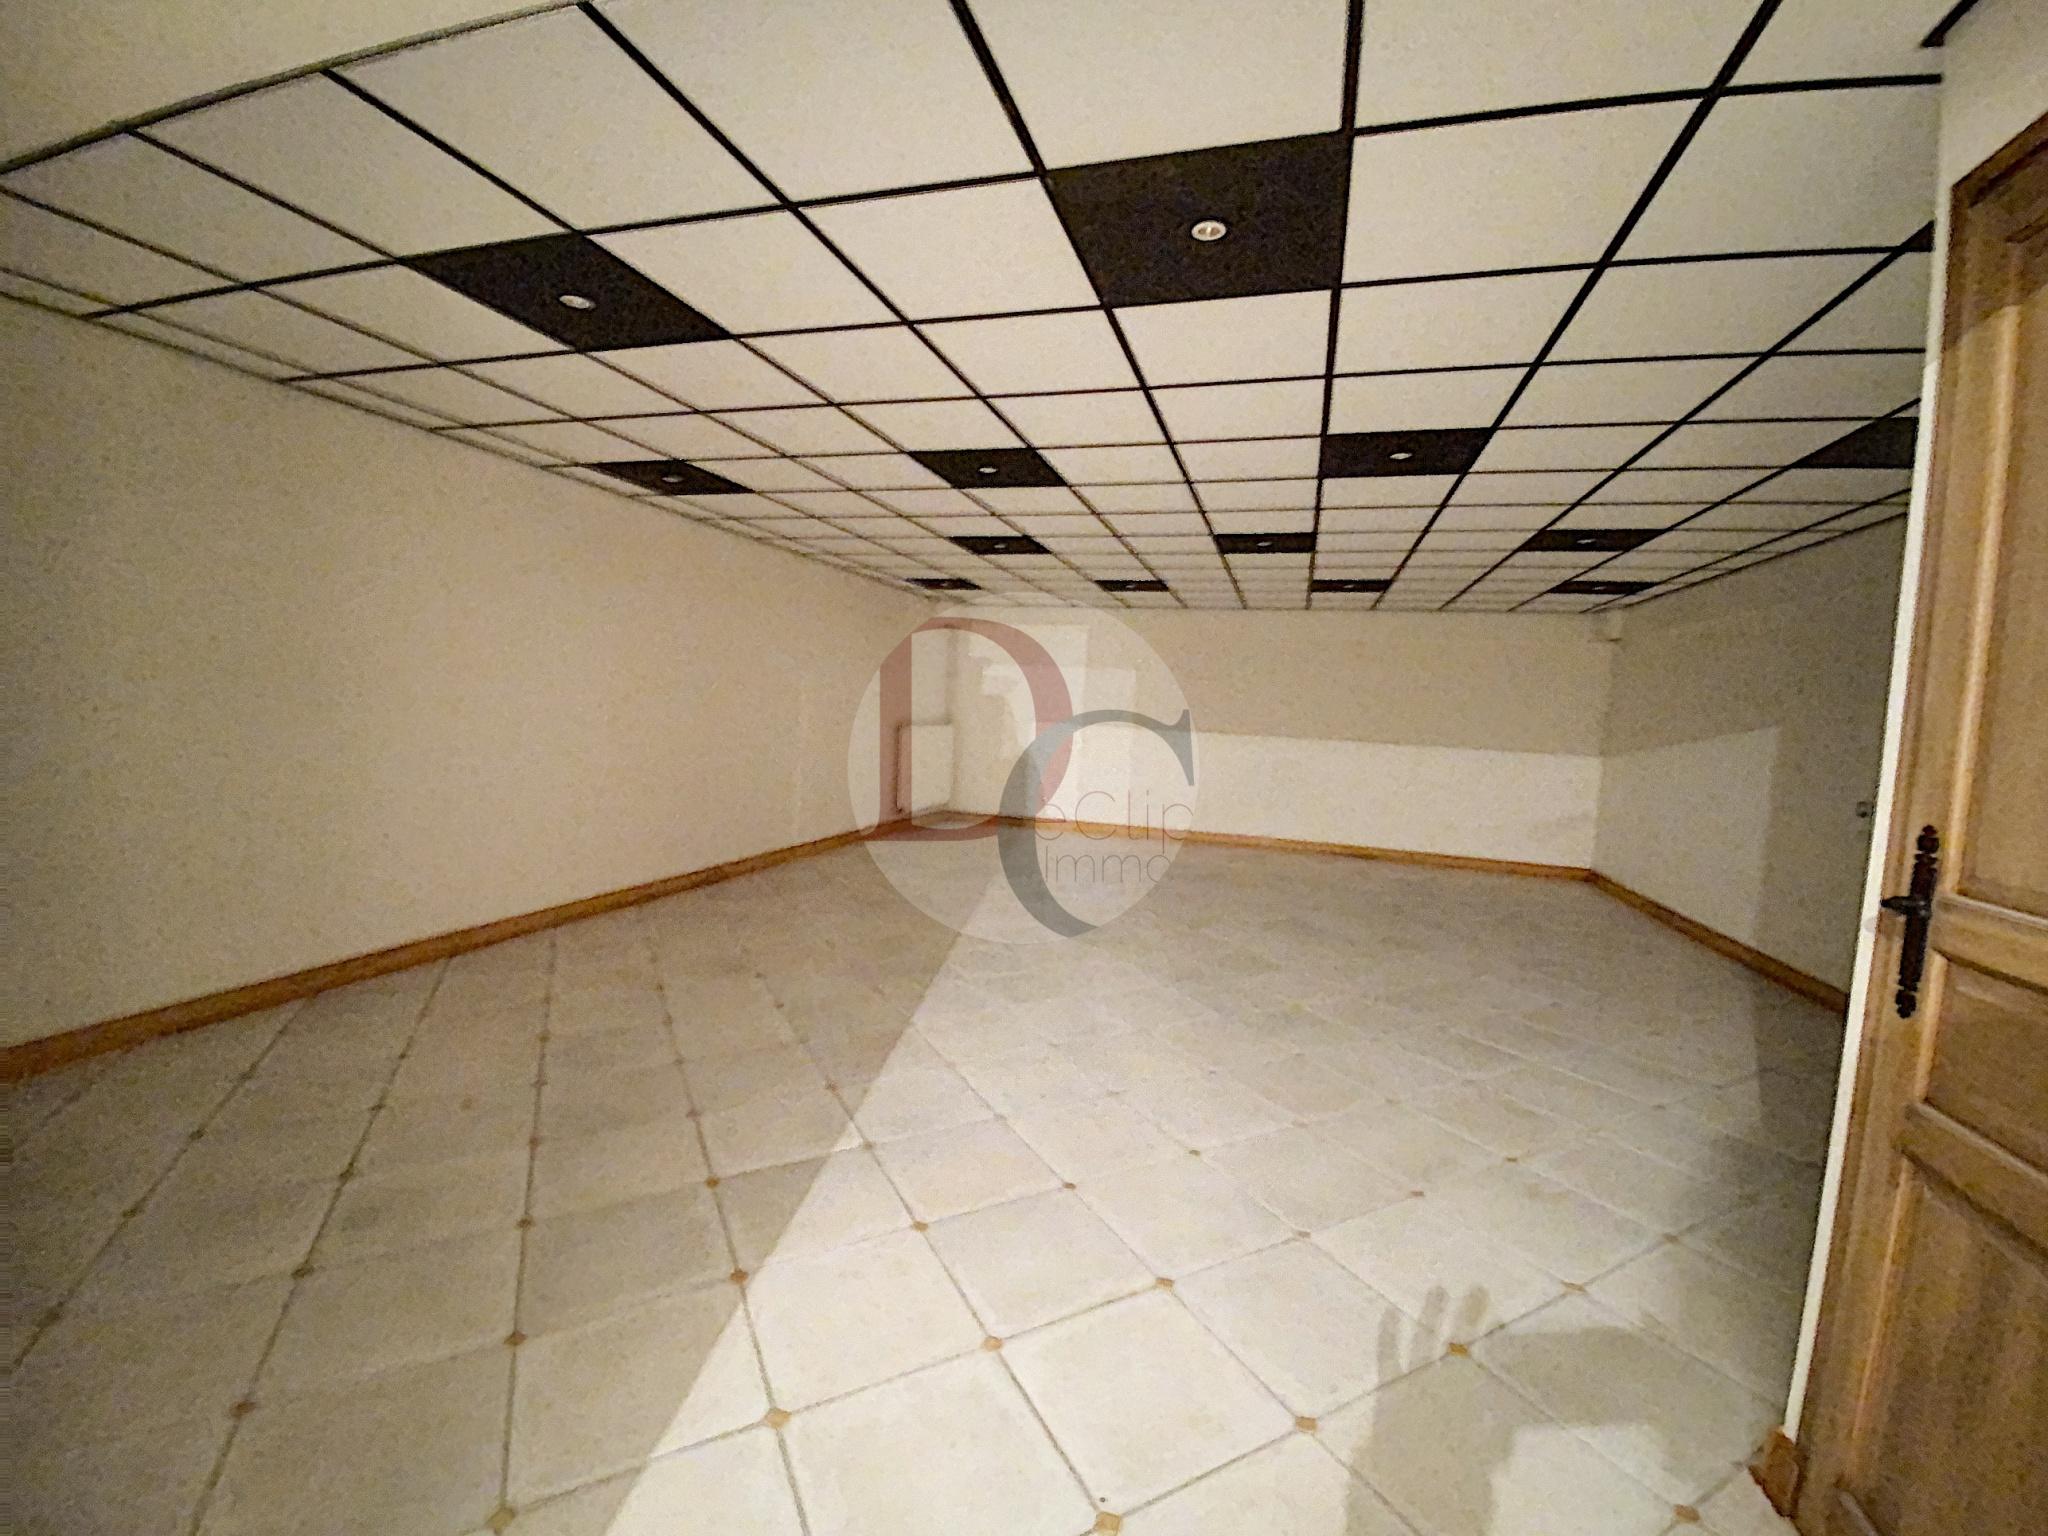 salle de musique sous sol